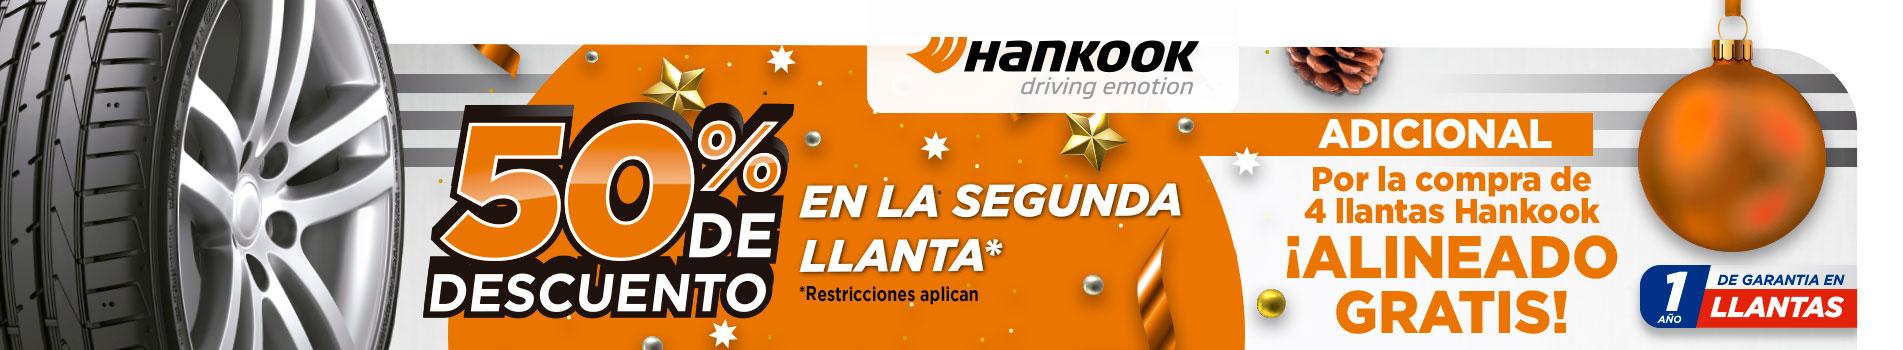 1575218228454_SLIDER-HANKOOK